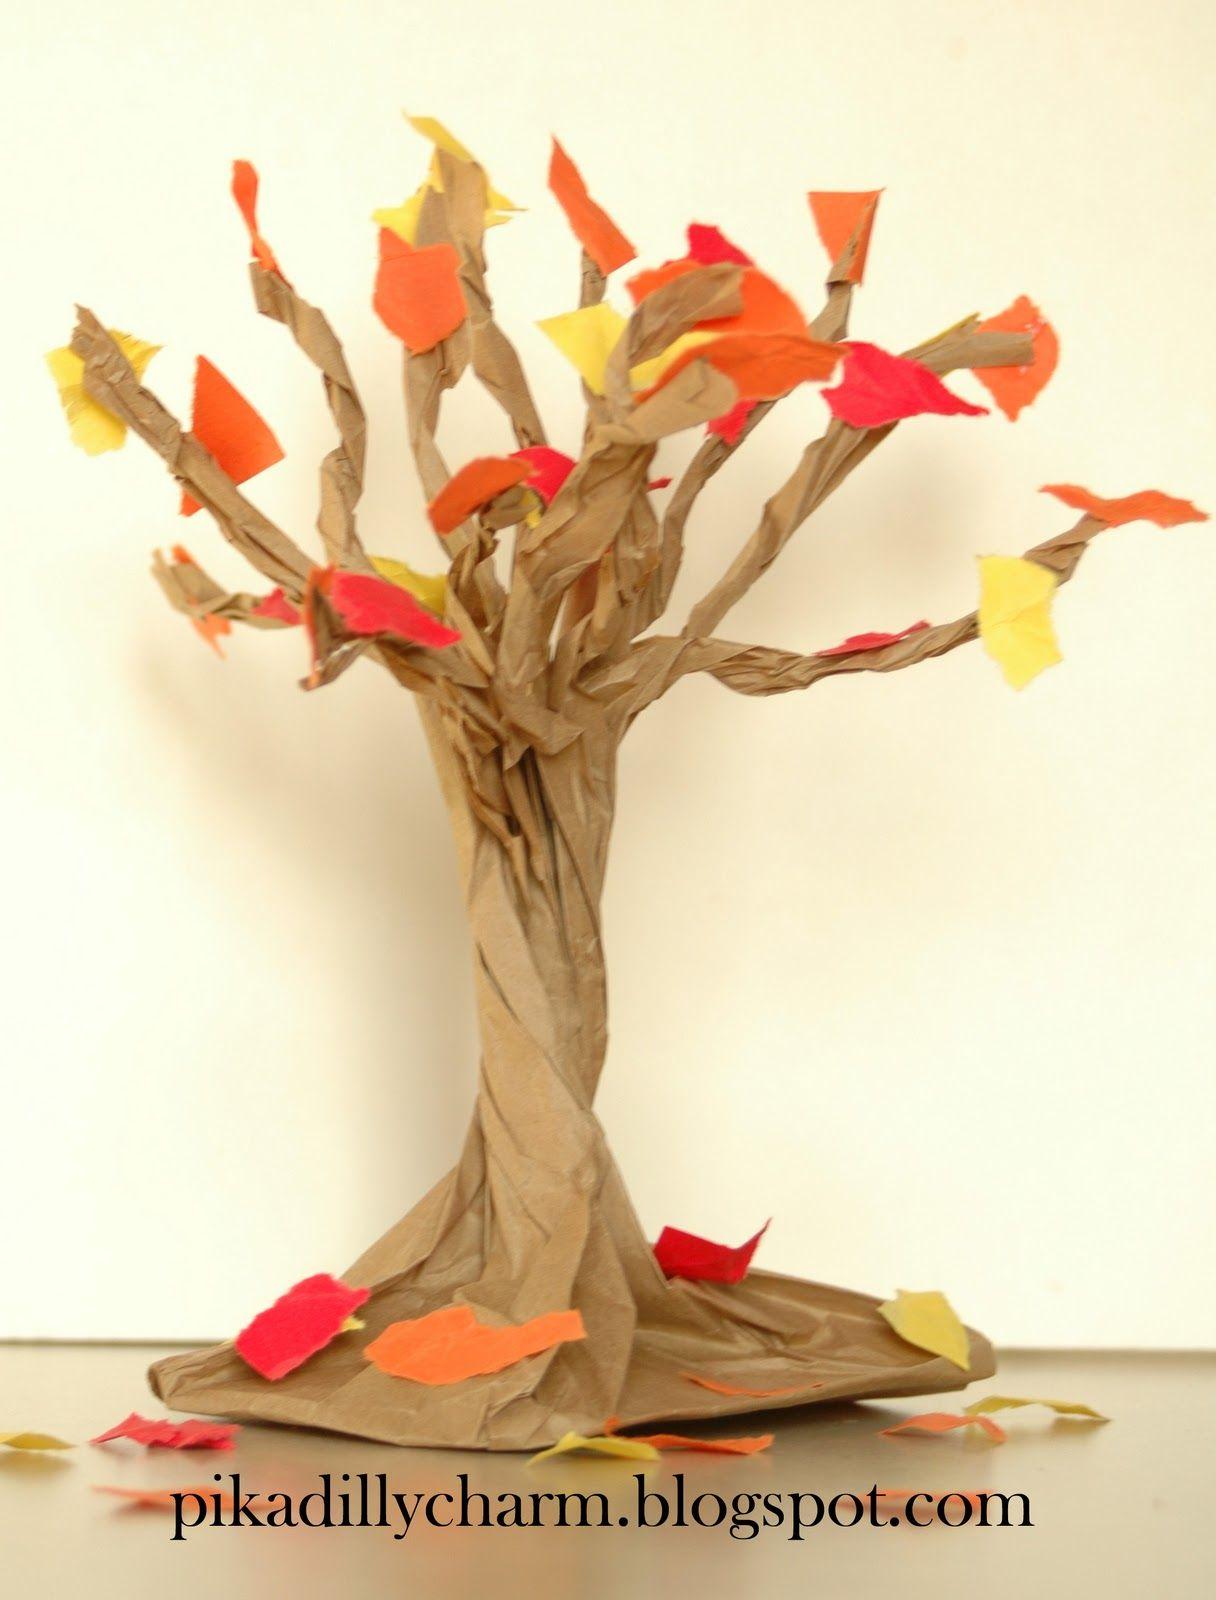 Papier Tüten Baum Basteln Herbst Pikadilly Charm Paper Bag Fall